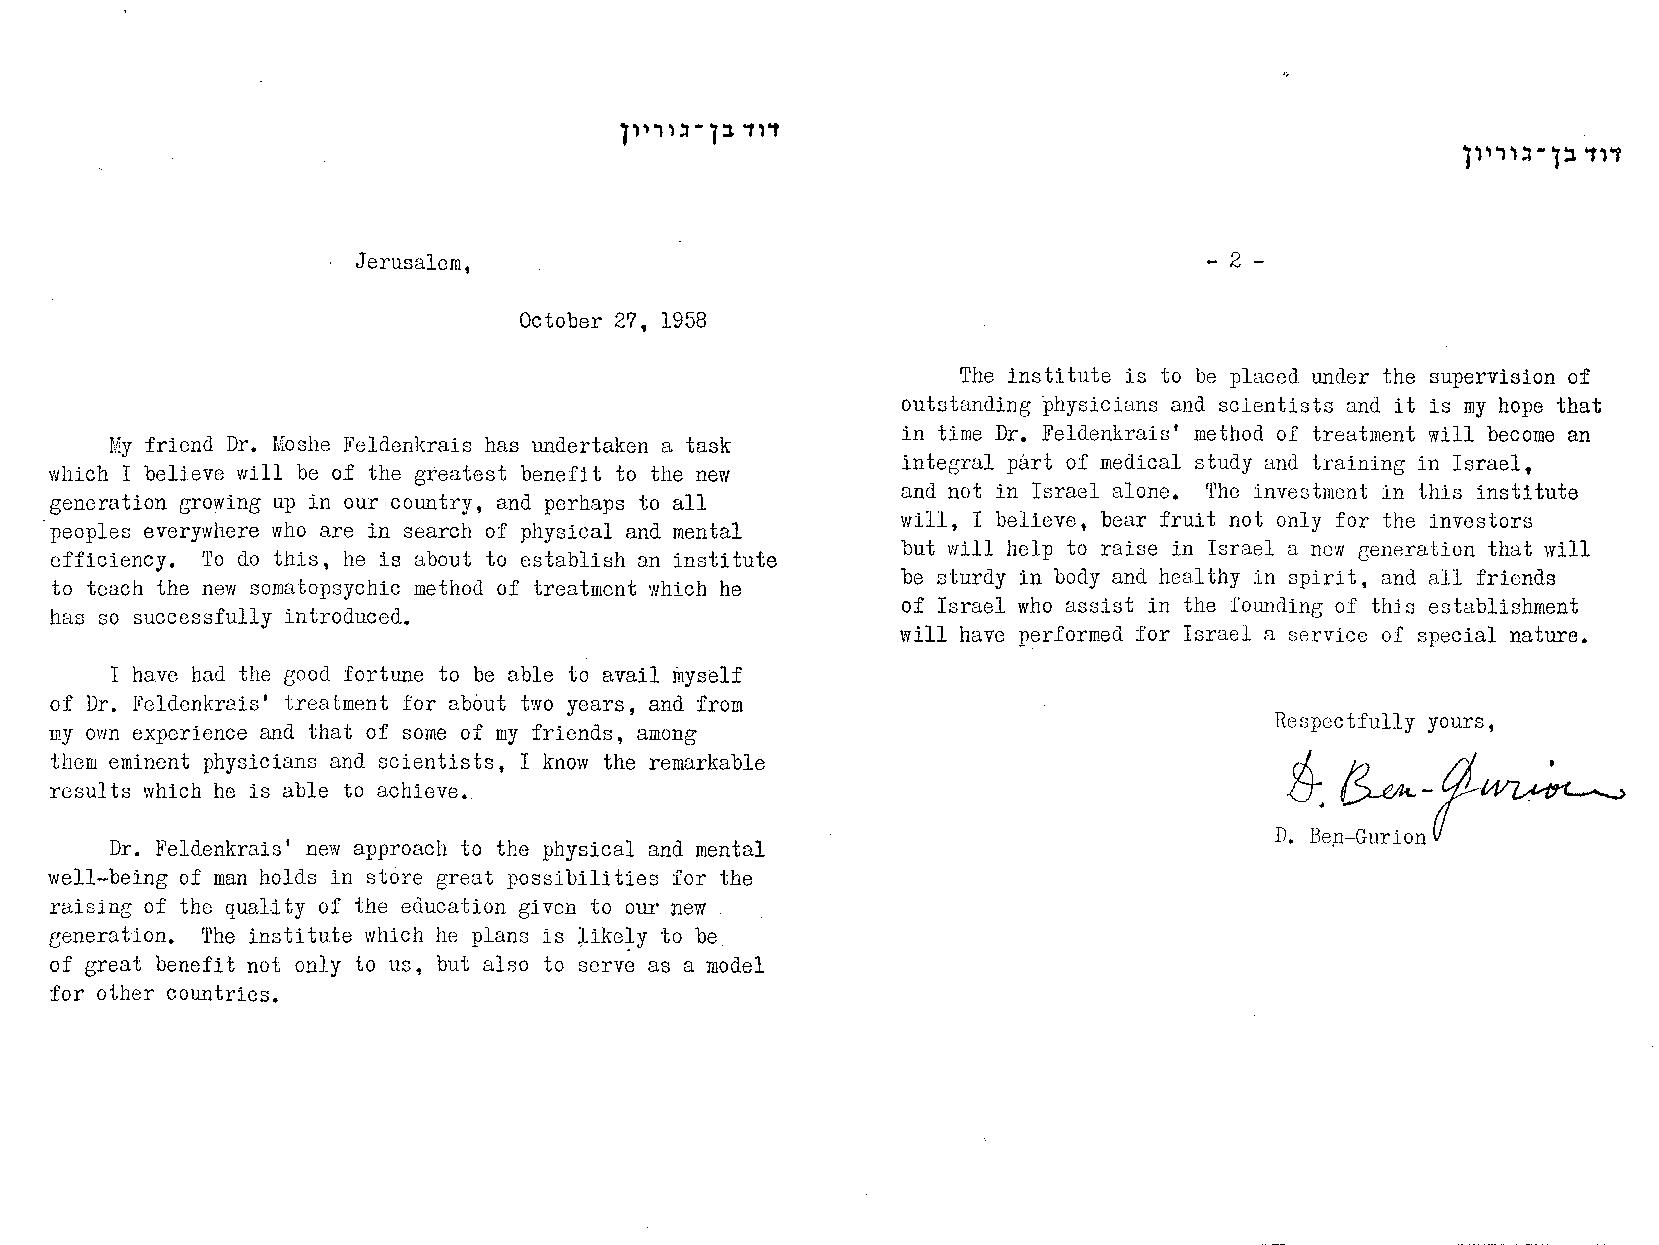 Ben Gurion letter about Feldenkrais